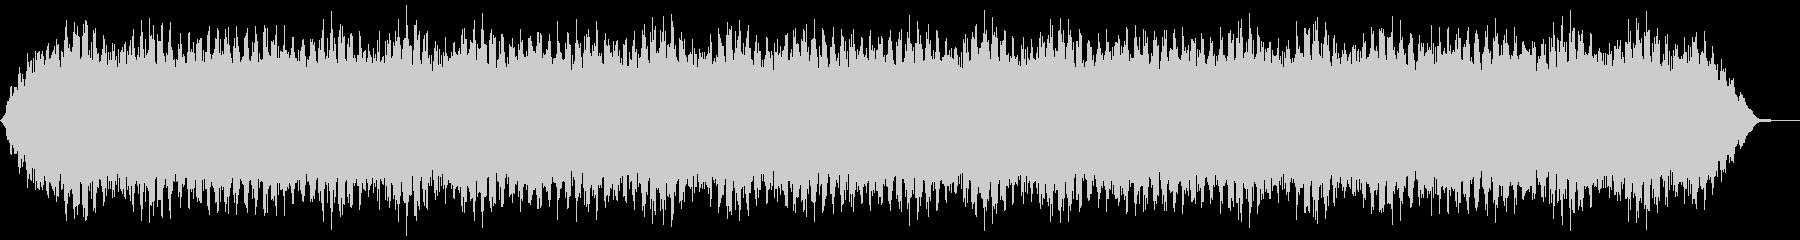 【アンビエント】ドローン_53 実験音の未再生の波形